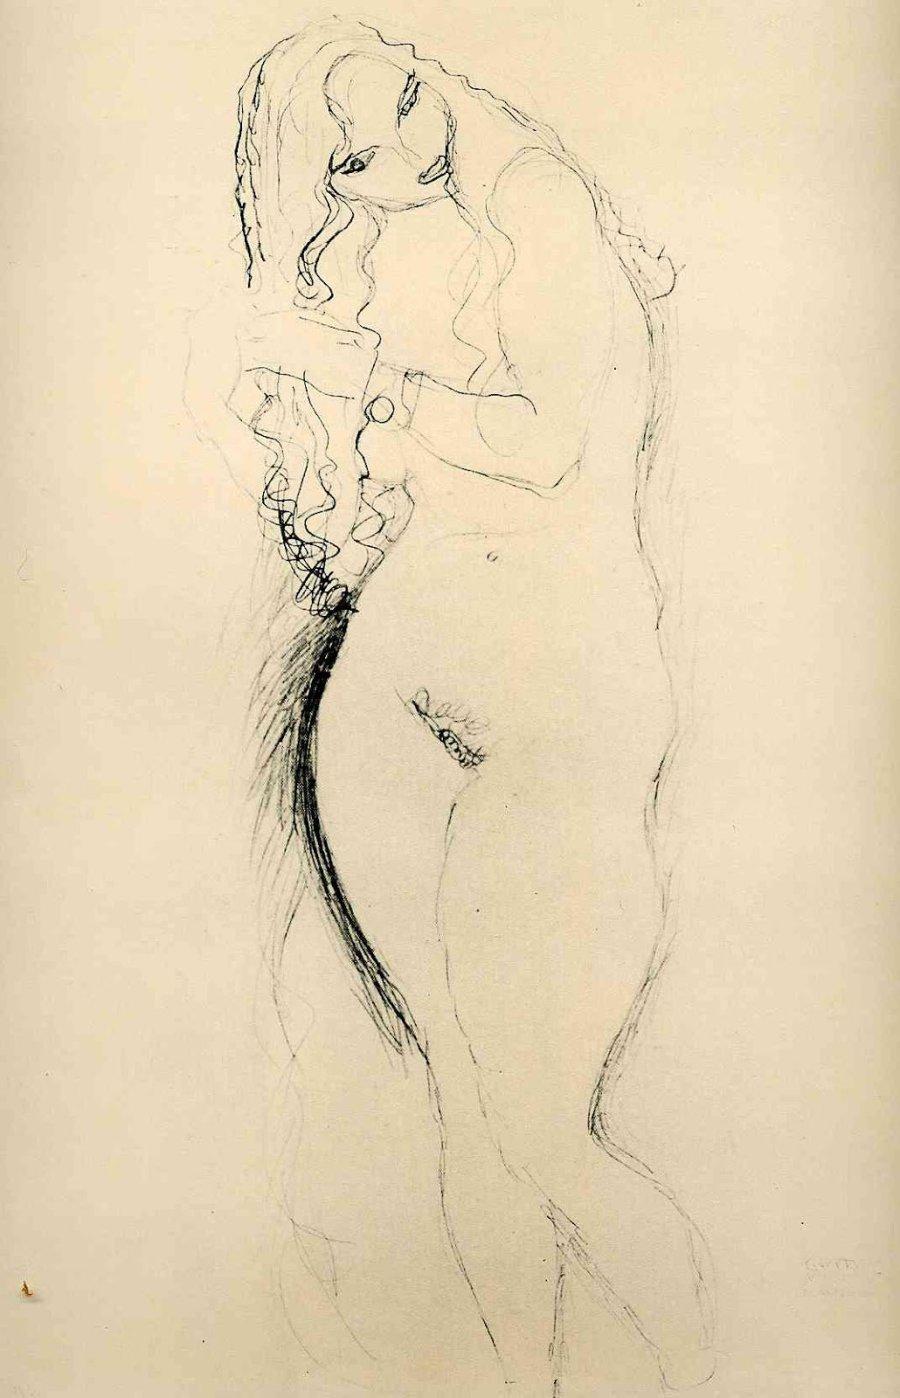 Gustav_Klimt_erotica_sensual25